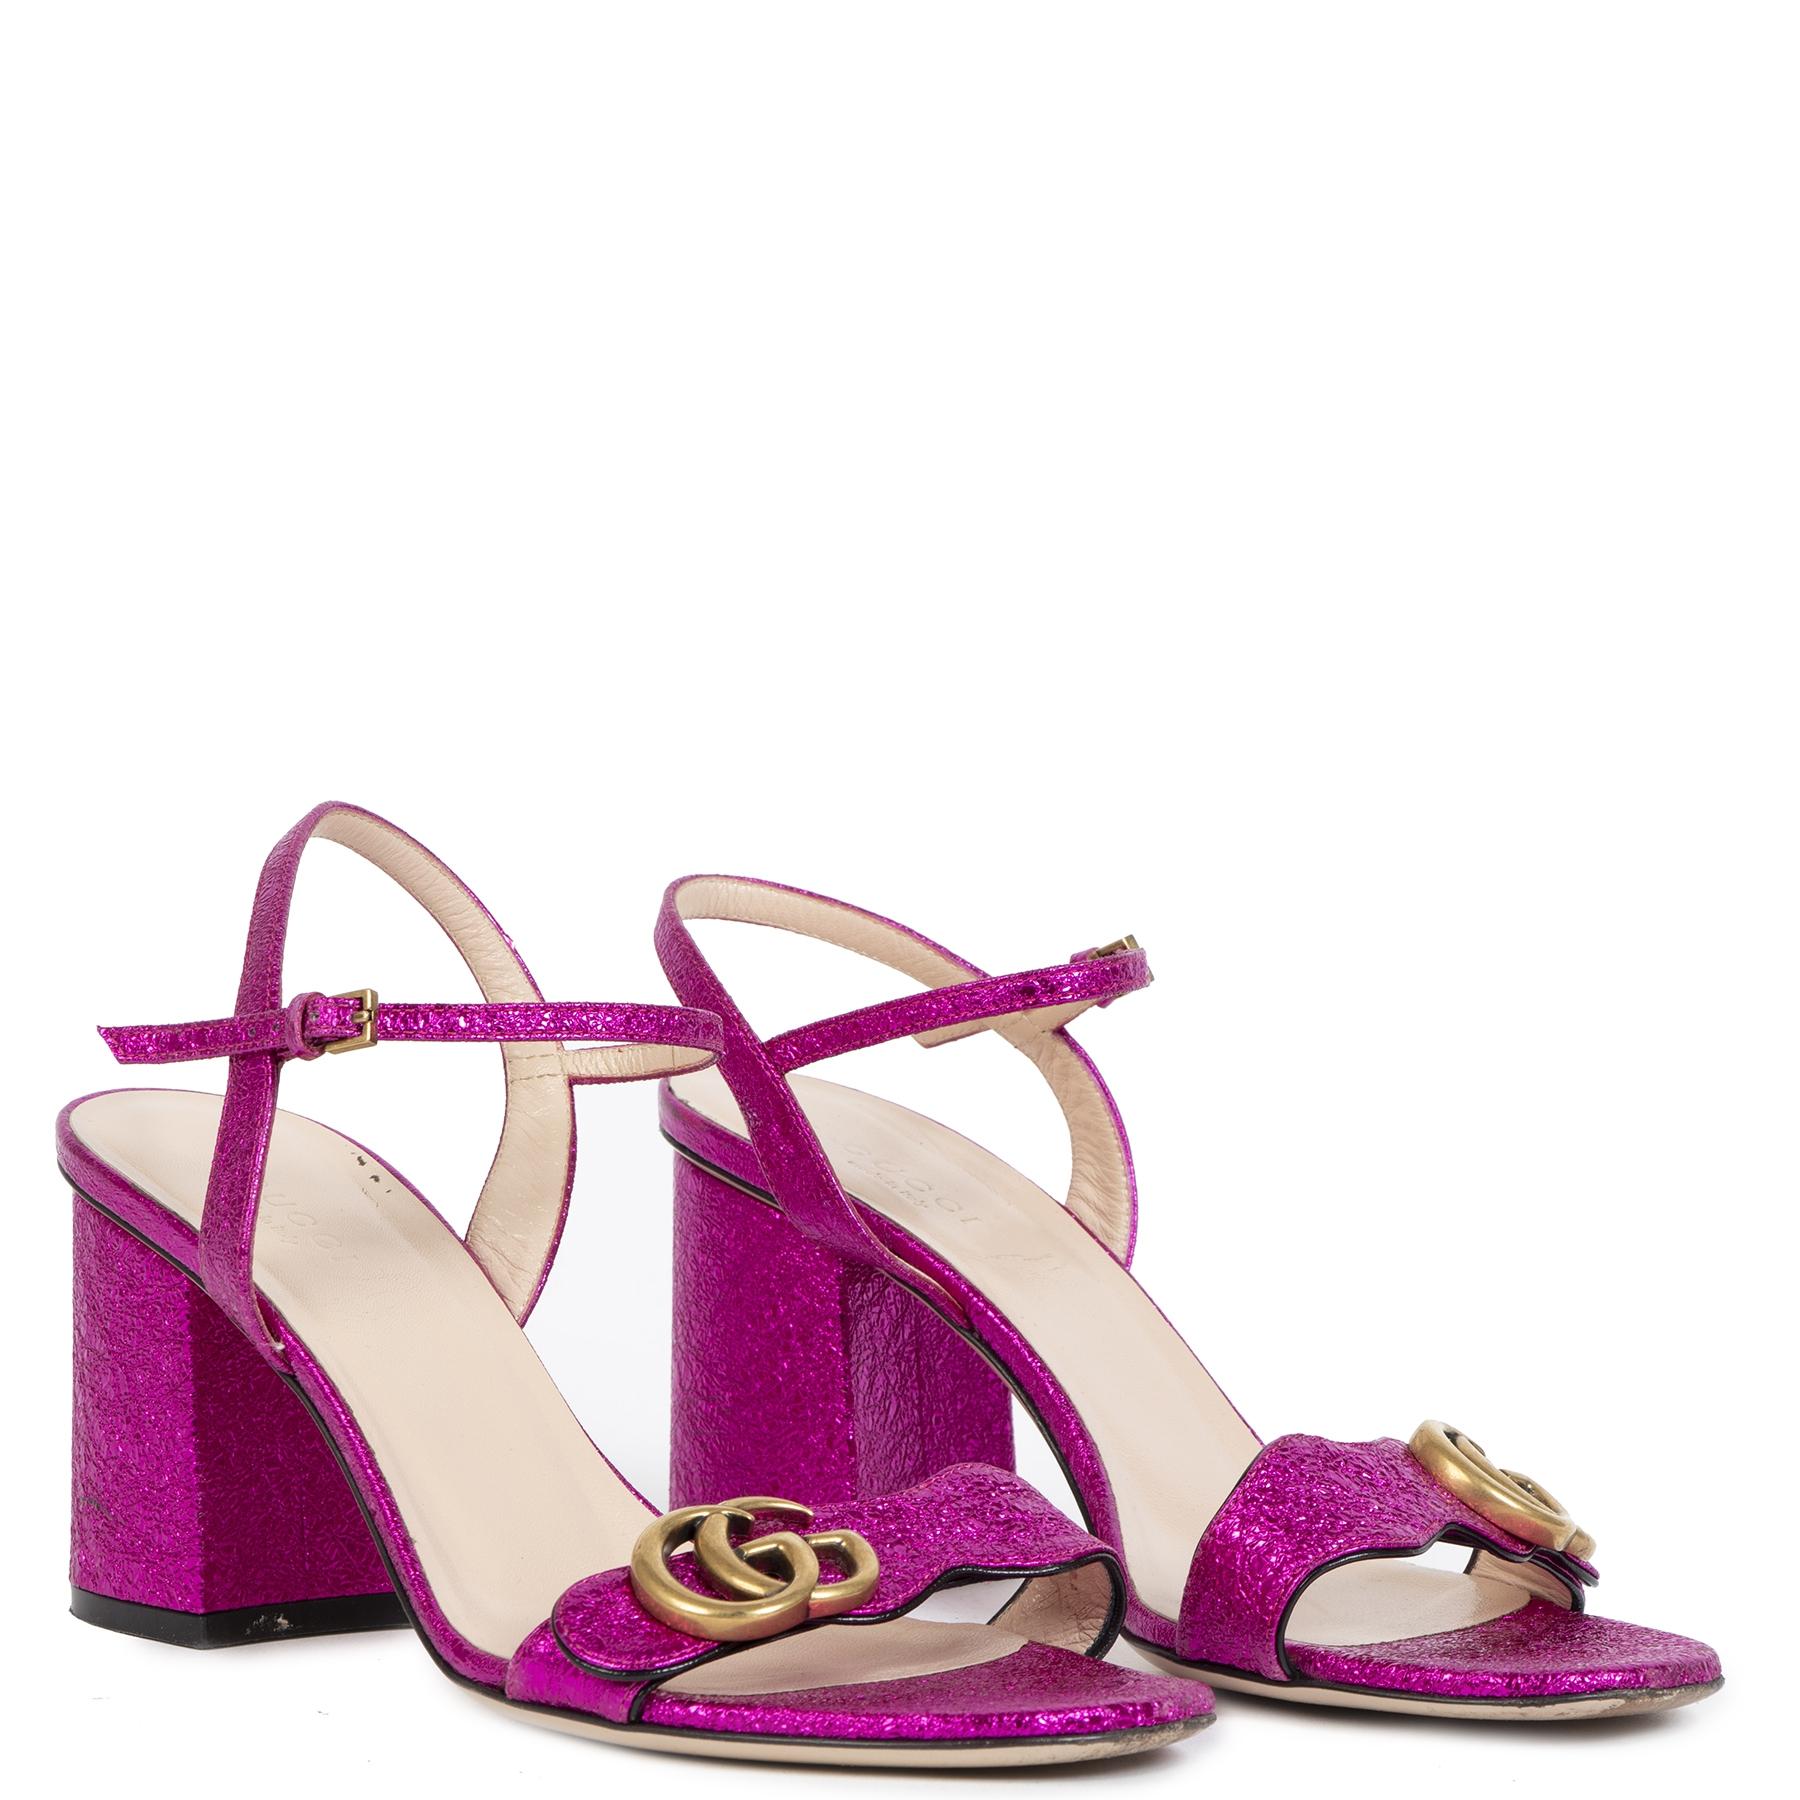 Authentieke Tweedehands Gucci Purple Metallic Mid Heel leather Sandal - Size 38 1/2 juiste prijs veilig online shoppen luxe merken webshop winkelen Antwerpen België mode fashion